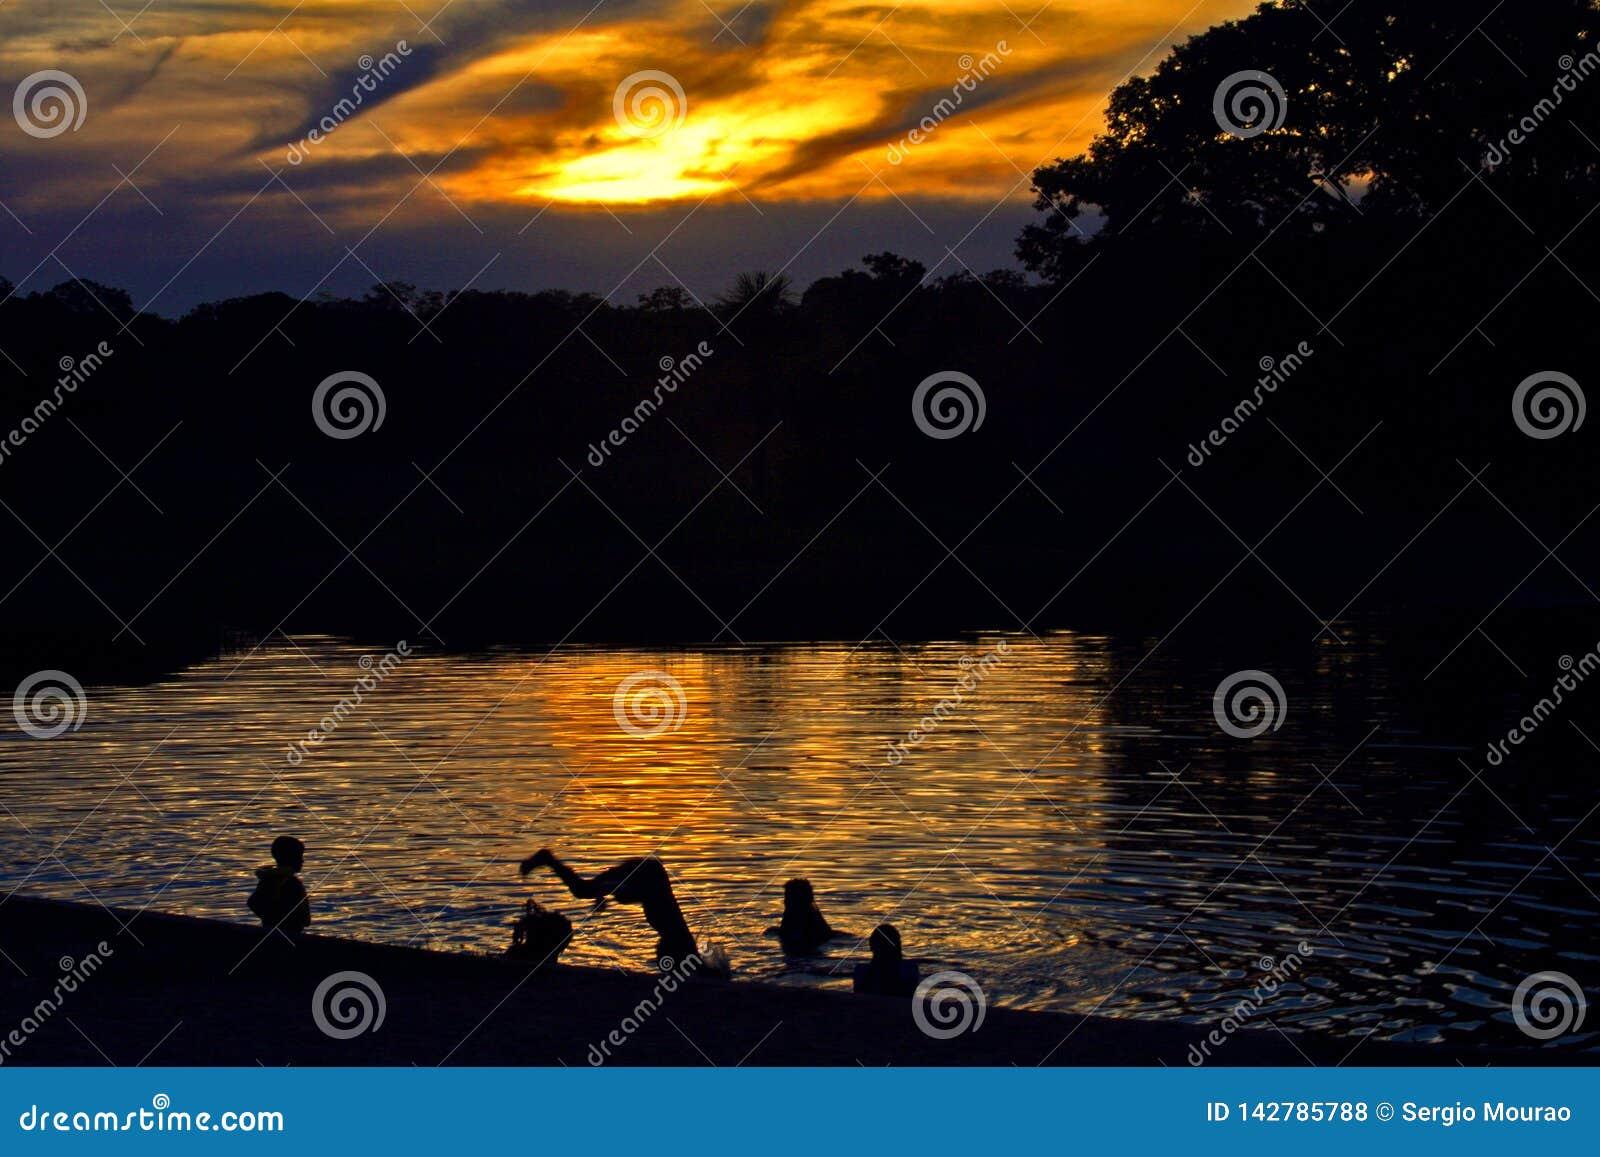 Dziecko nur w jeziorze przy półmrokiem